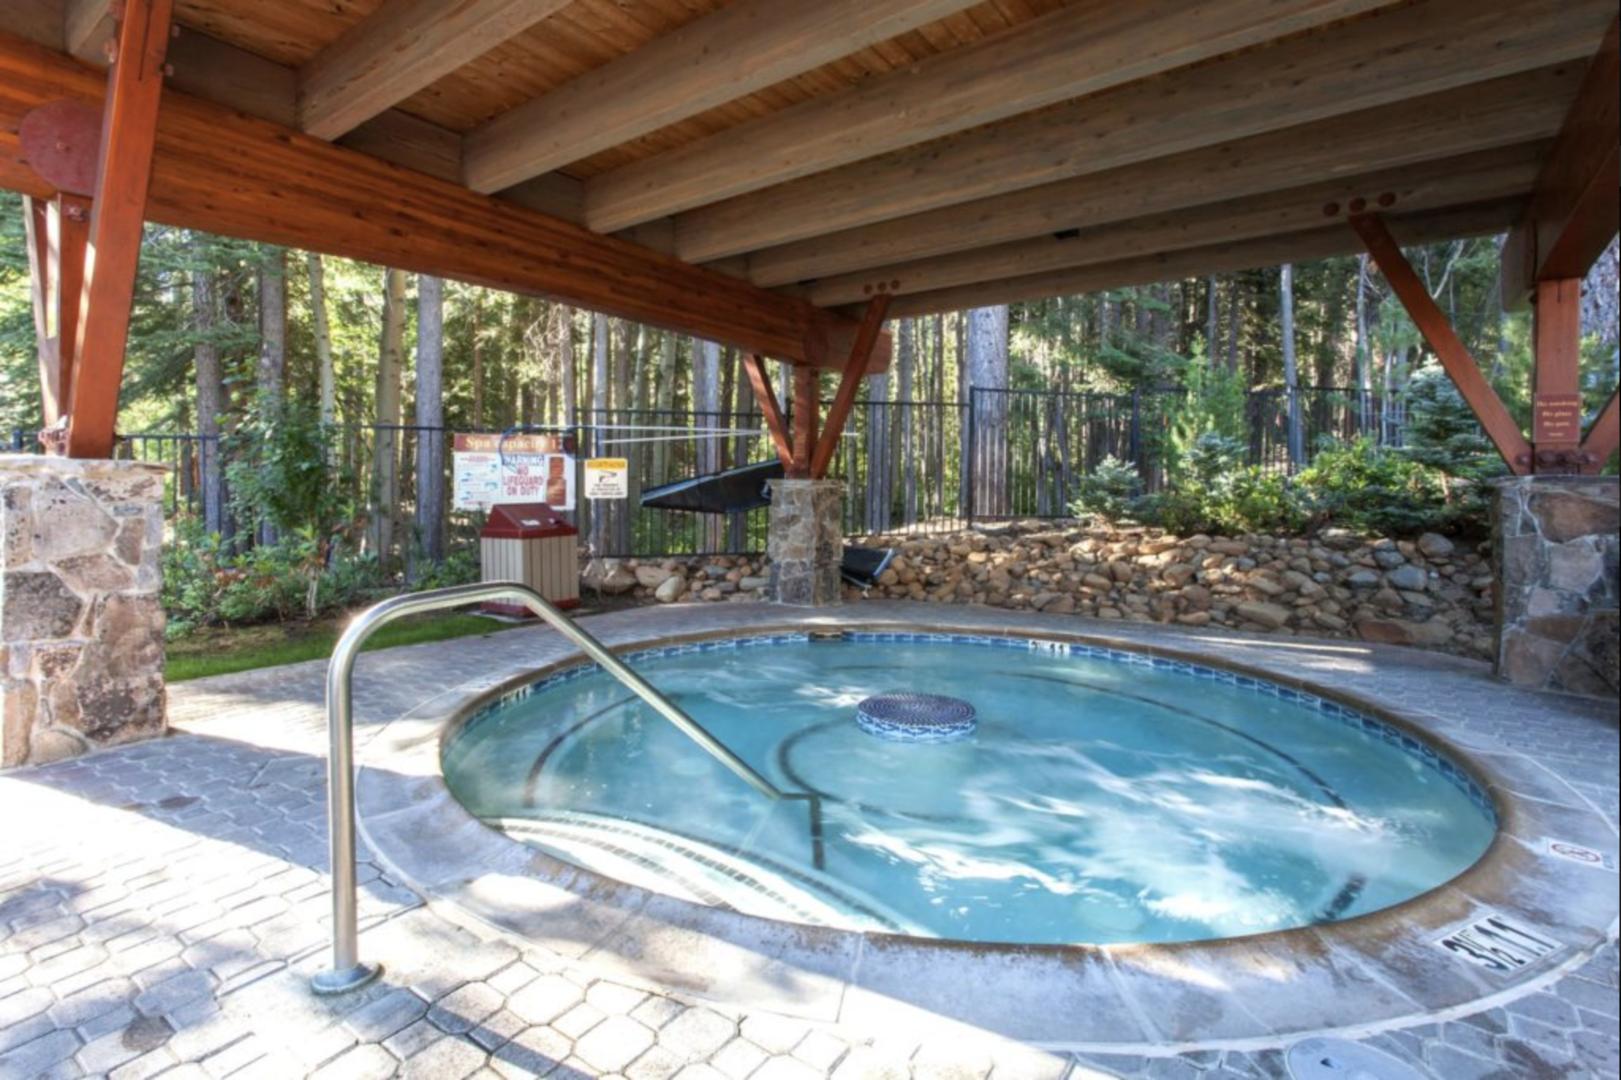 NPOA Covered Hot Tub